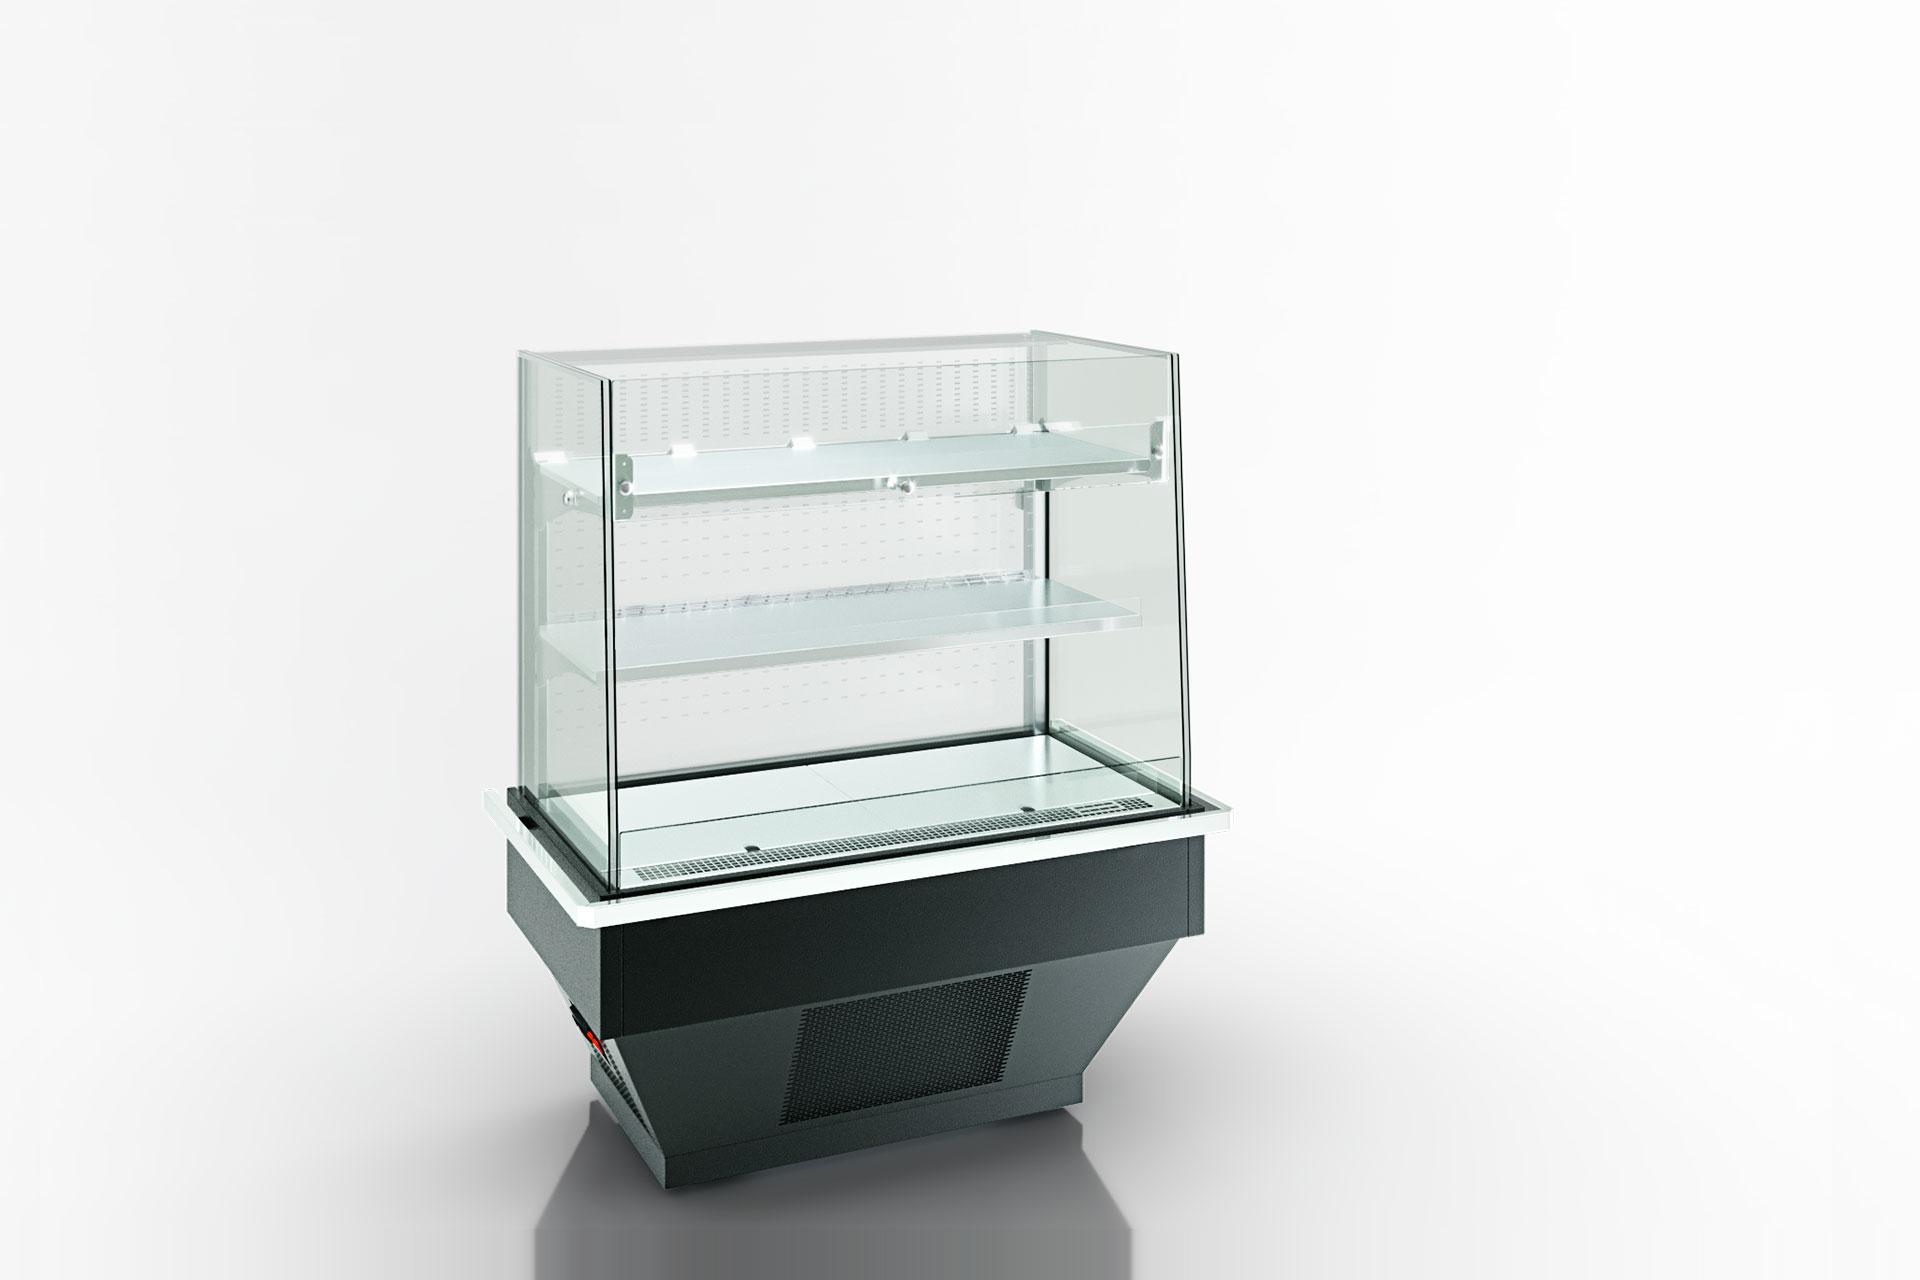 Промоциональная витрина Virginia AC 103 deli self 128-DLA-TL